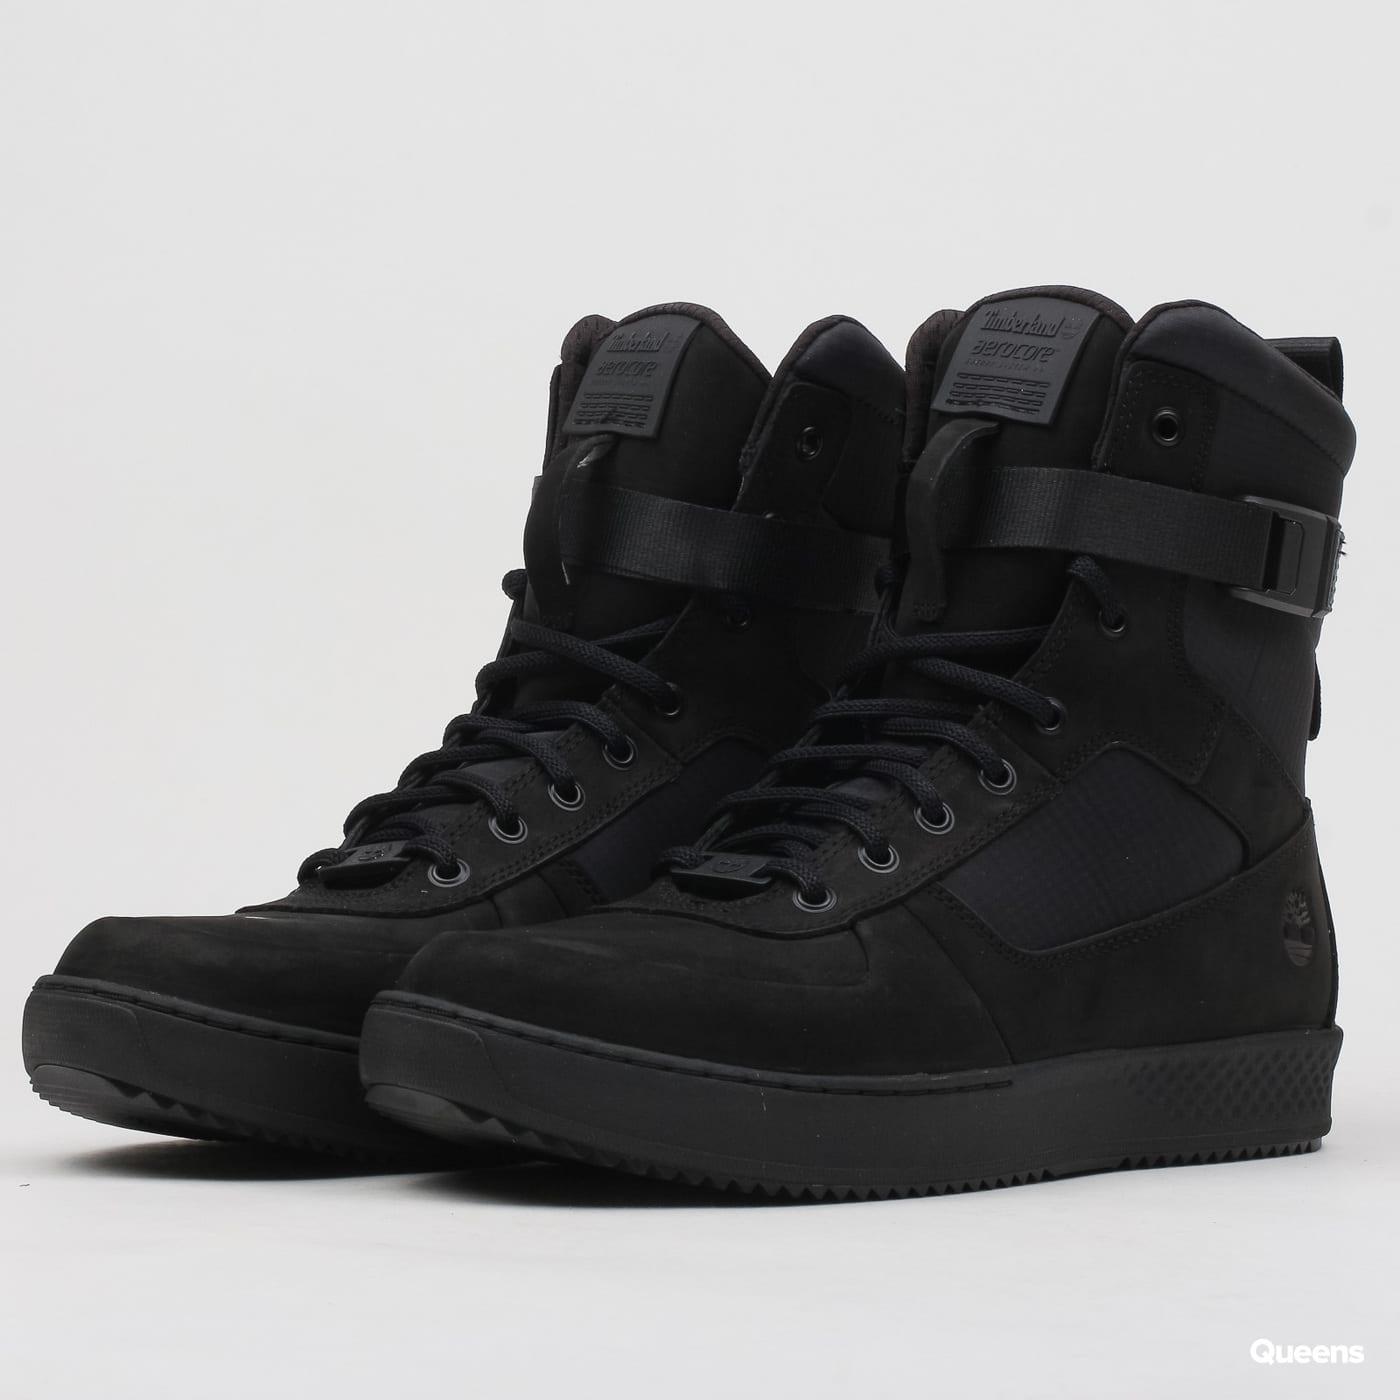 Pánska zimná obuv Timberland Cityroam Cup Tall Boot (A1SKZ - BLK)– Queens 💚 3b5b9cfc1e5